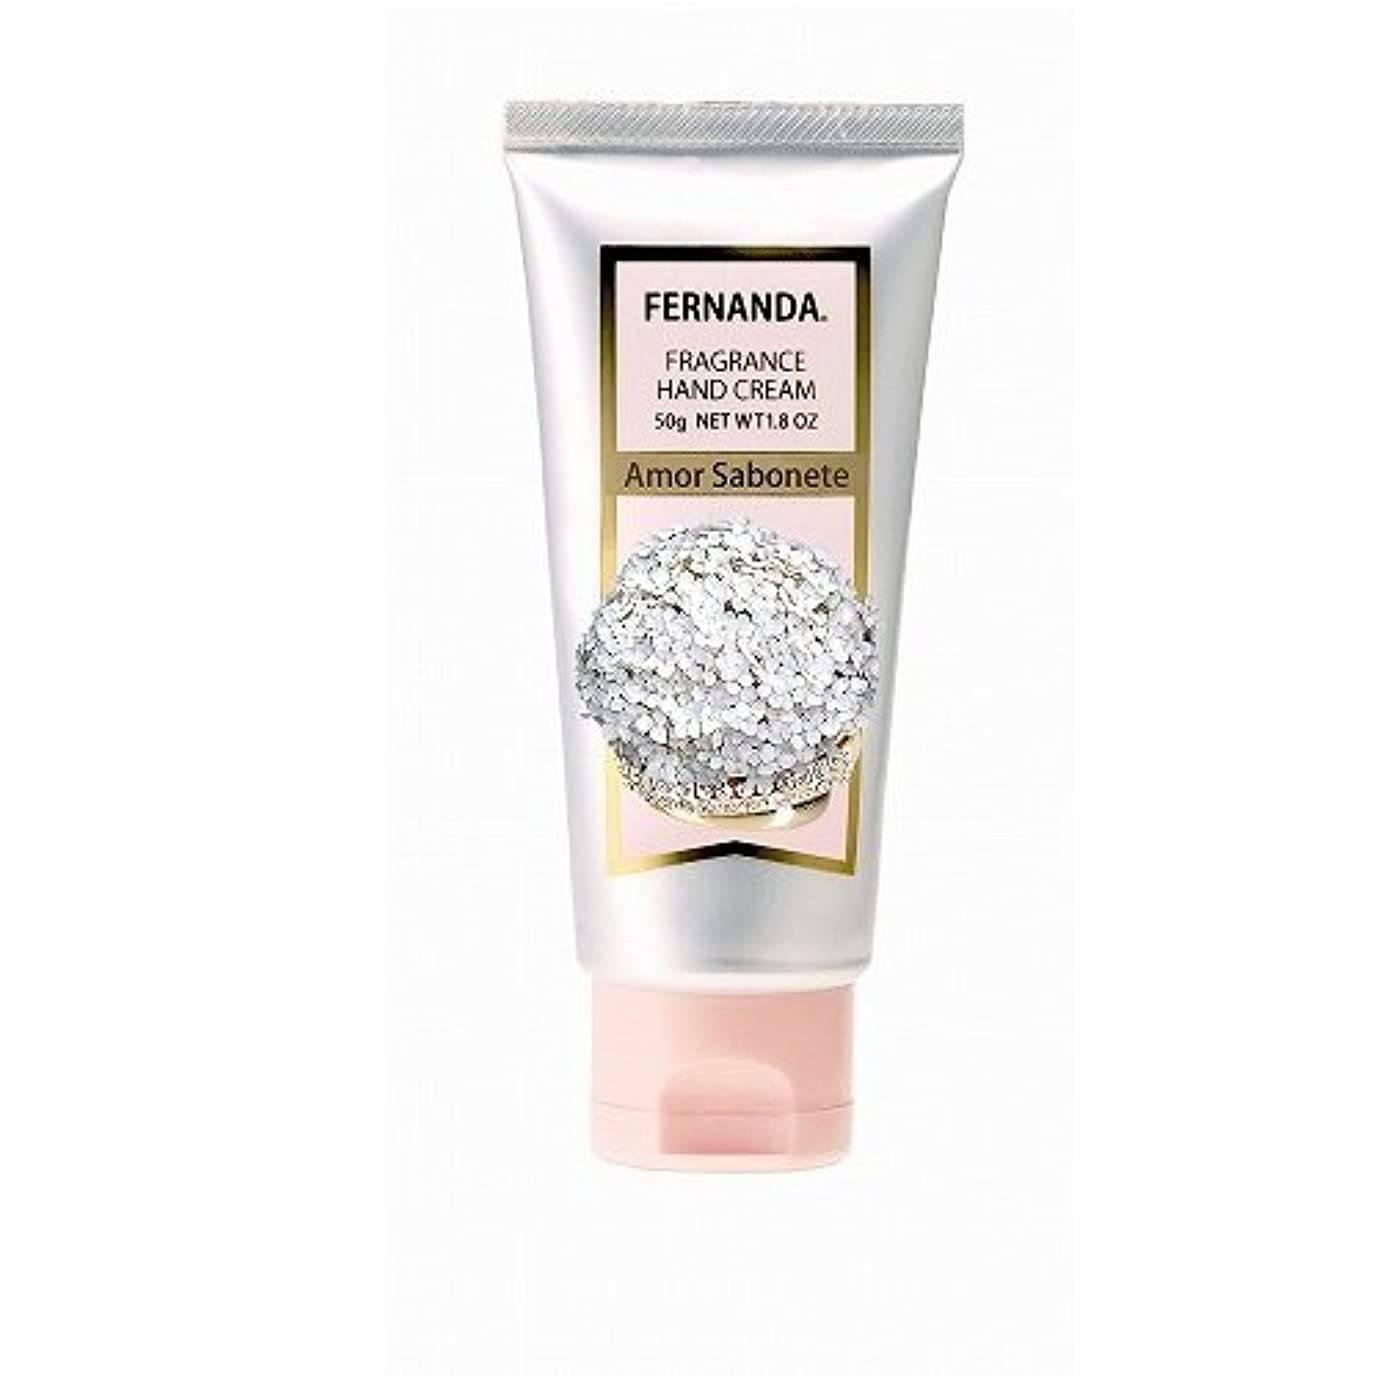 提供偏見ワイヤーFERNANDA(フェルナンダ) Hand Cream Amor Sabonete (ハンド クリーム アモールサボネッテ)